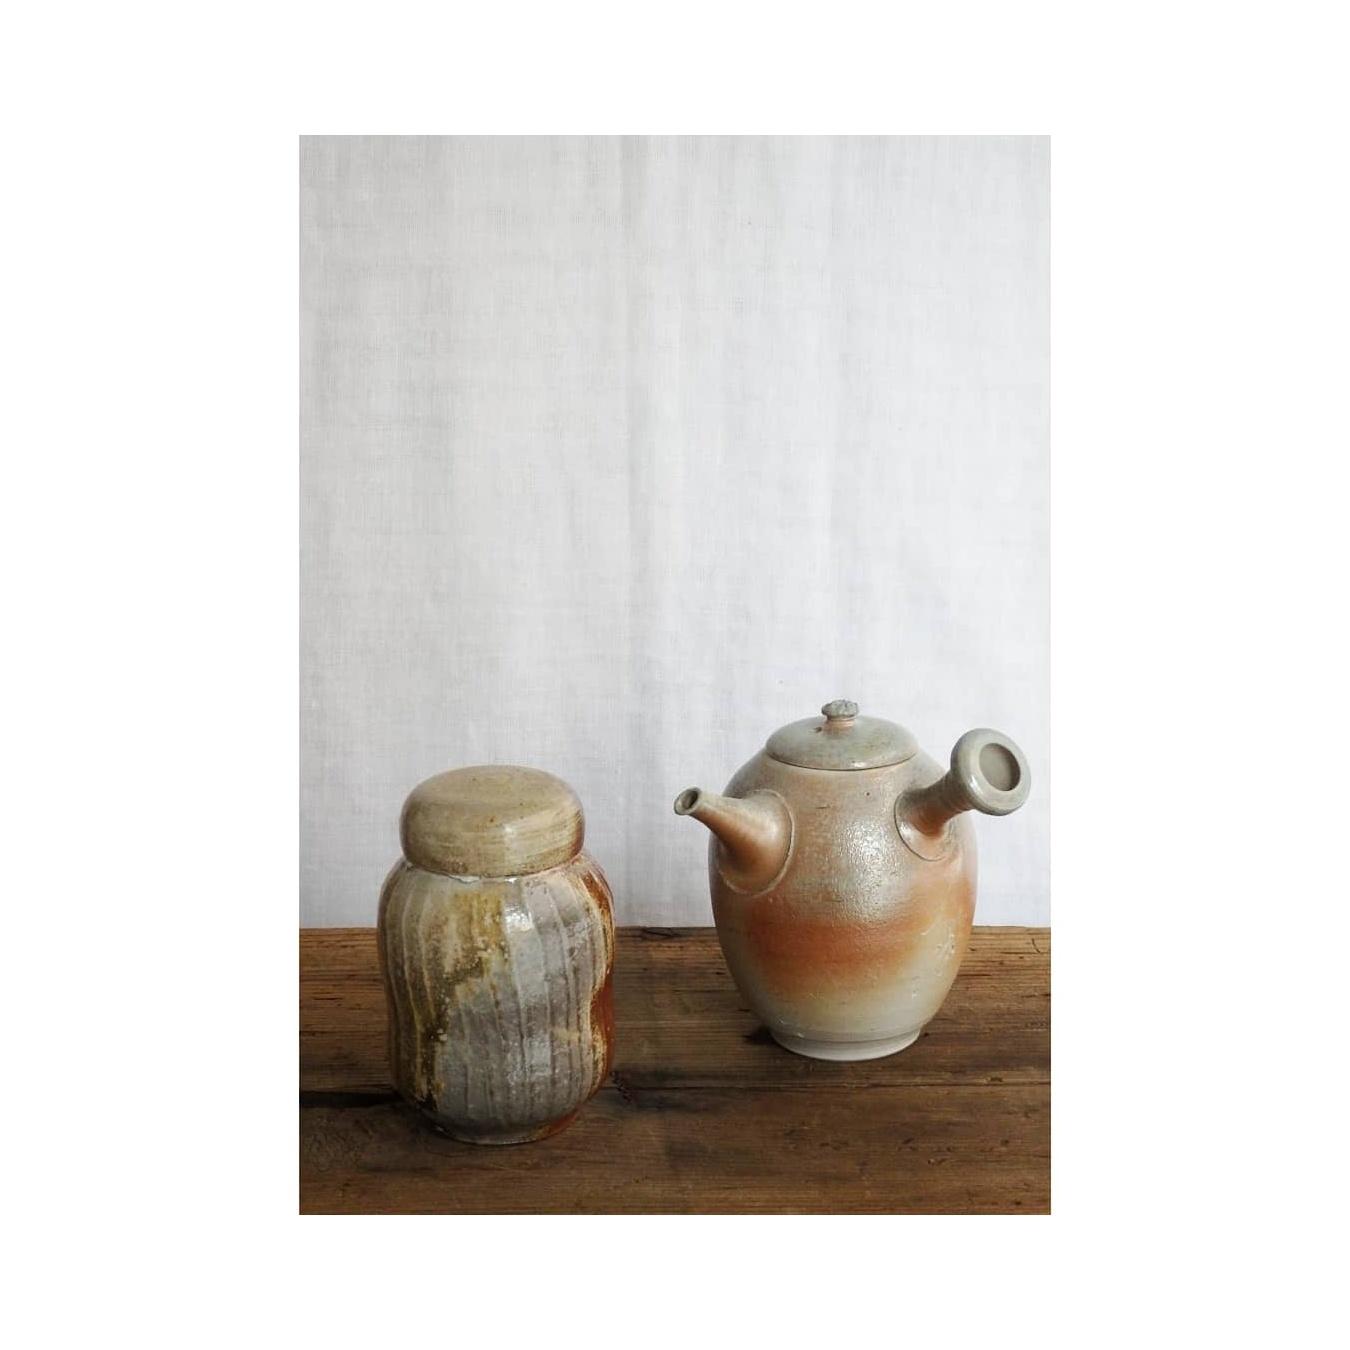 煎茶と花 - 茶器の章1 -_f0351305_01011938.jpeg